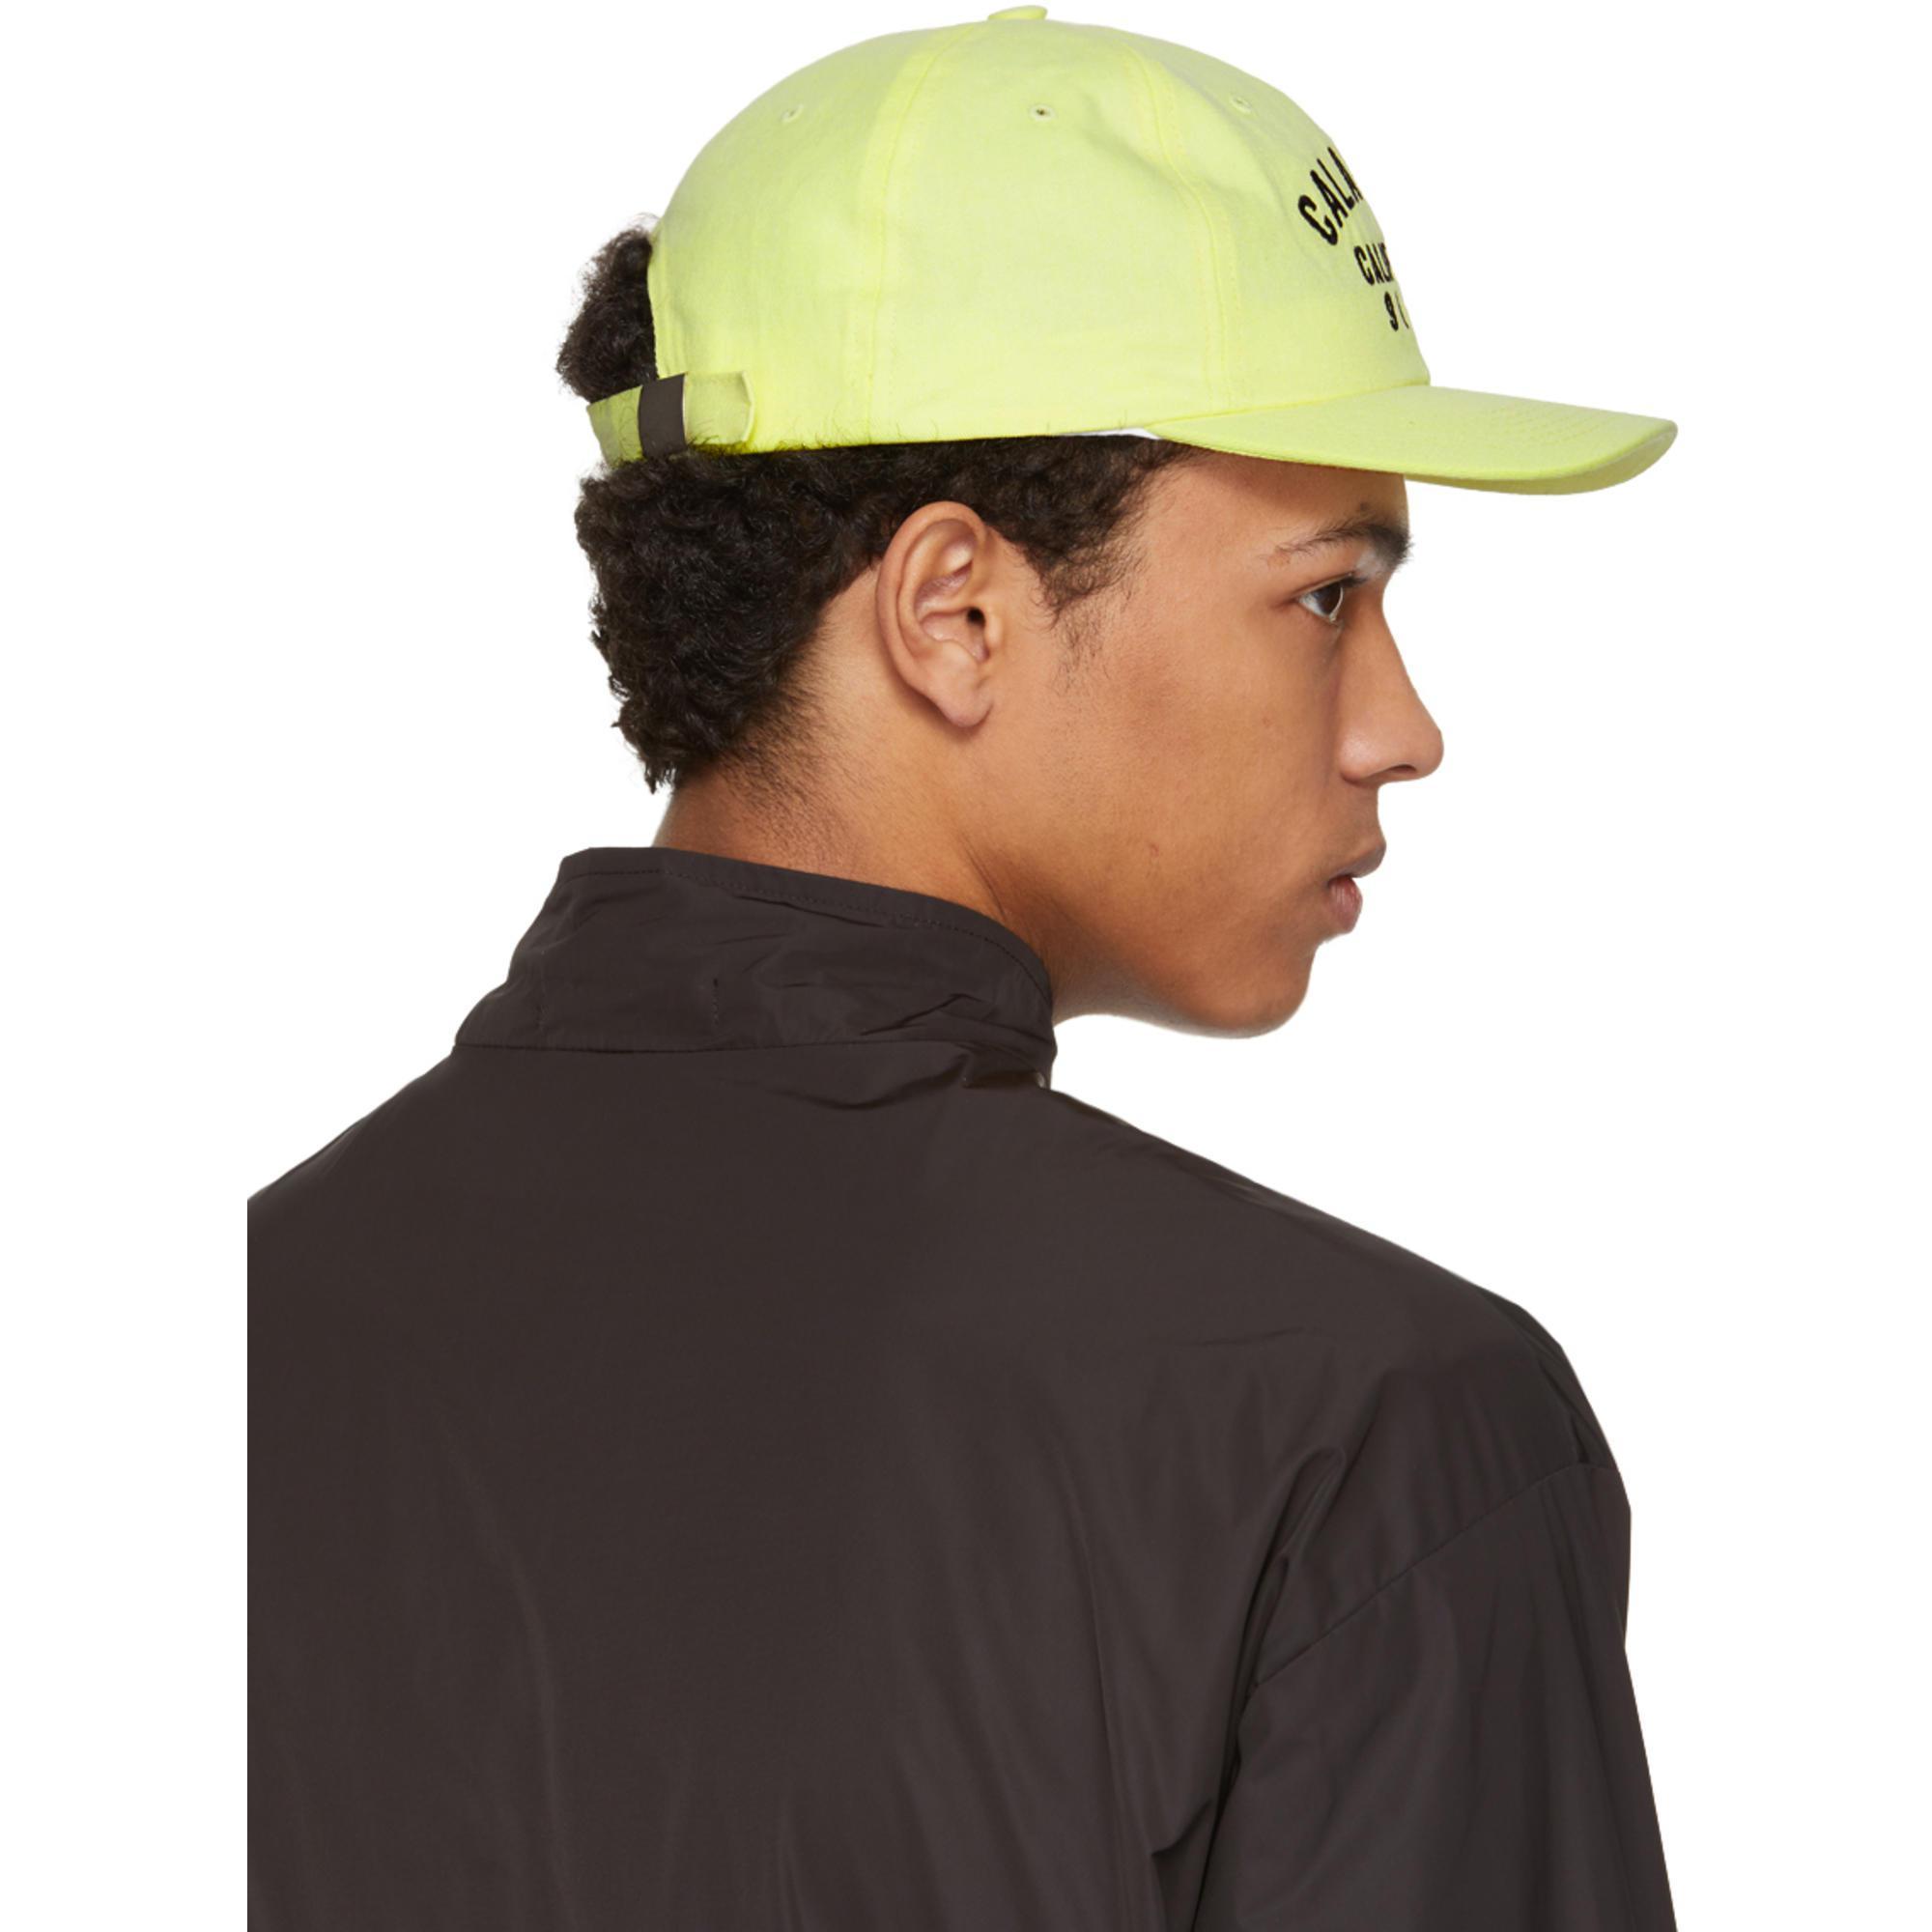 b2cee08cd57 Lyst - Yeezy Yellow Calabasas Cap in Yellow for Men